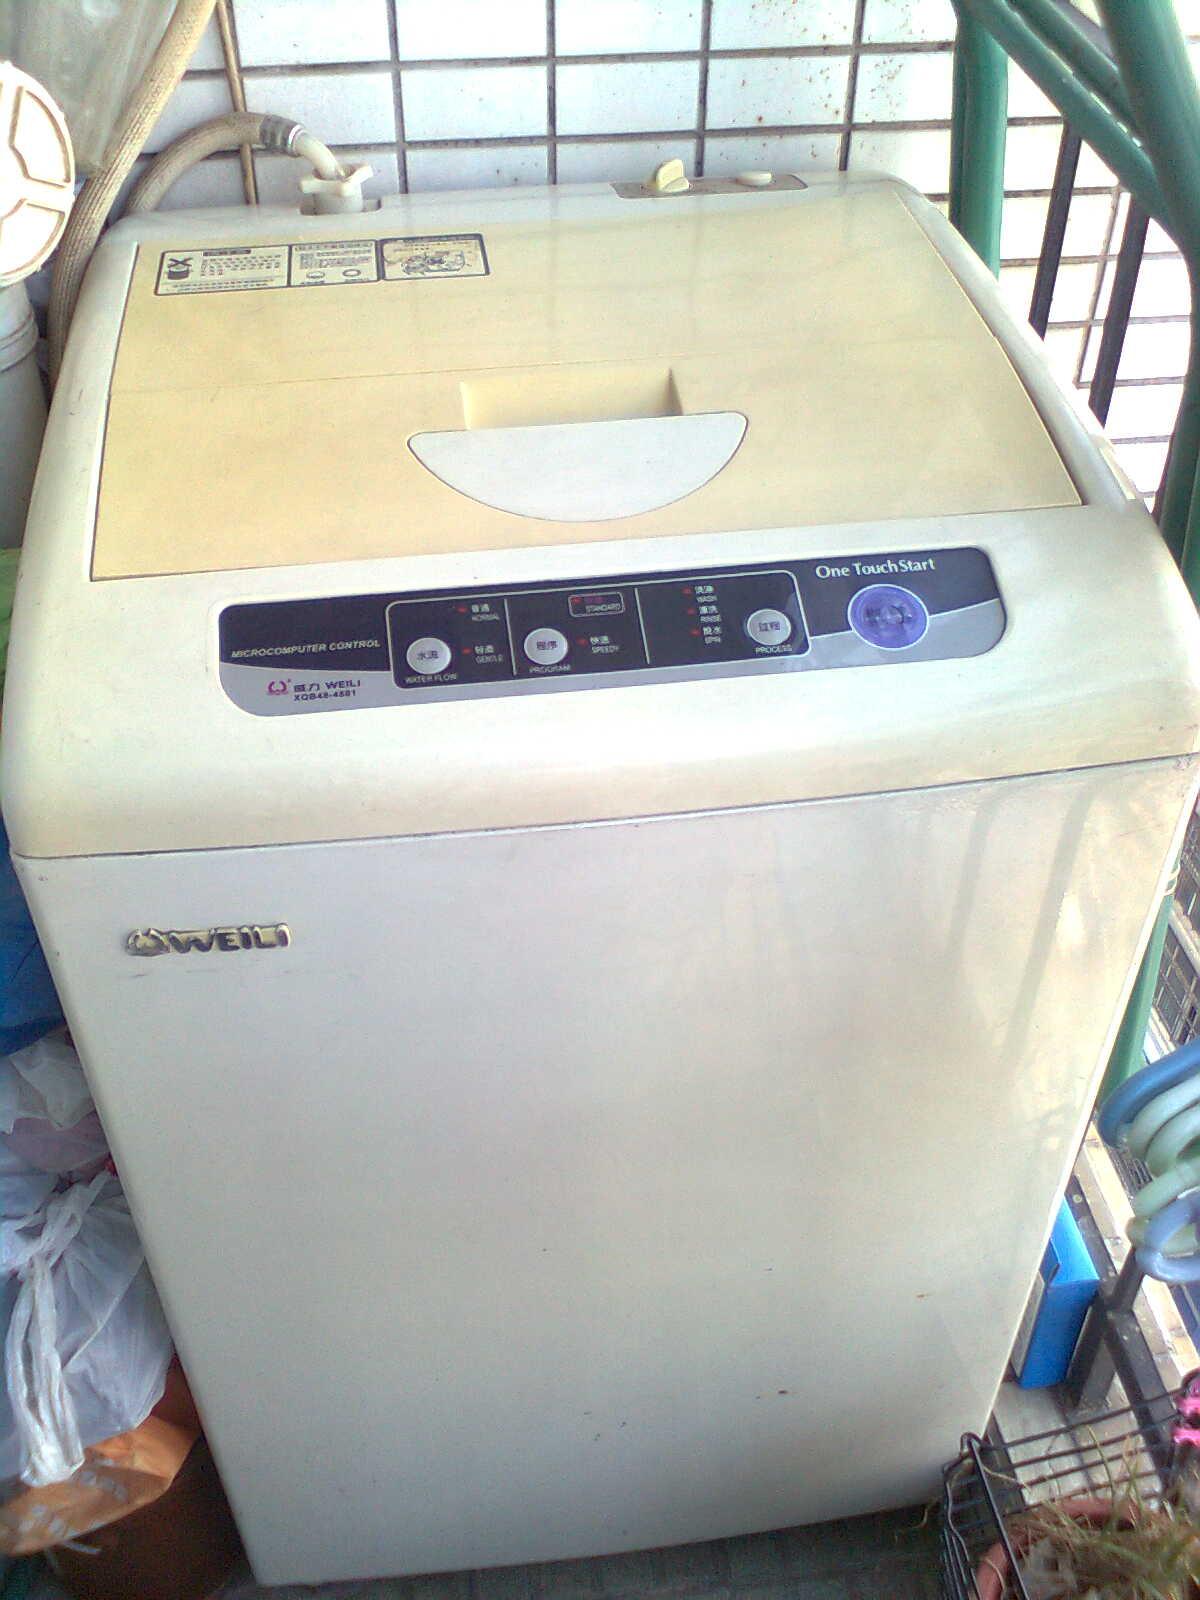 威力xq48-4801型全自动洗衣机